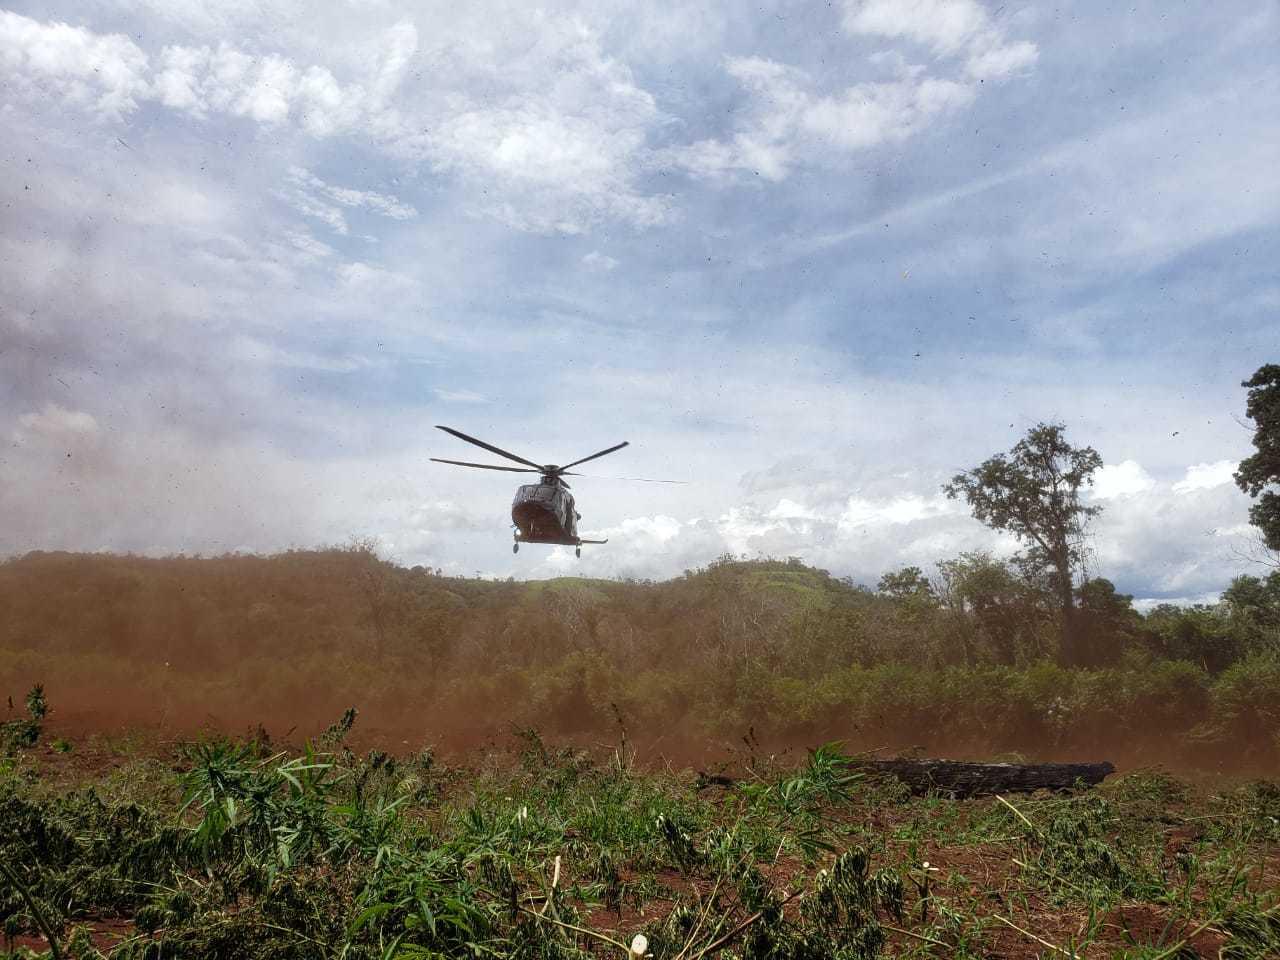 Helicóptero da PF brasileira pousa em área de cultivo de maconha (Foto: Divulgação/Senad)